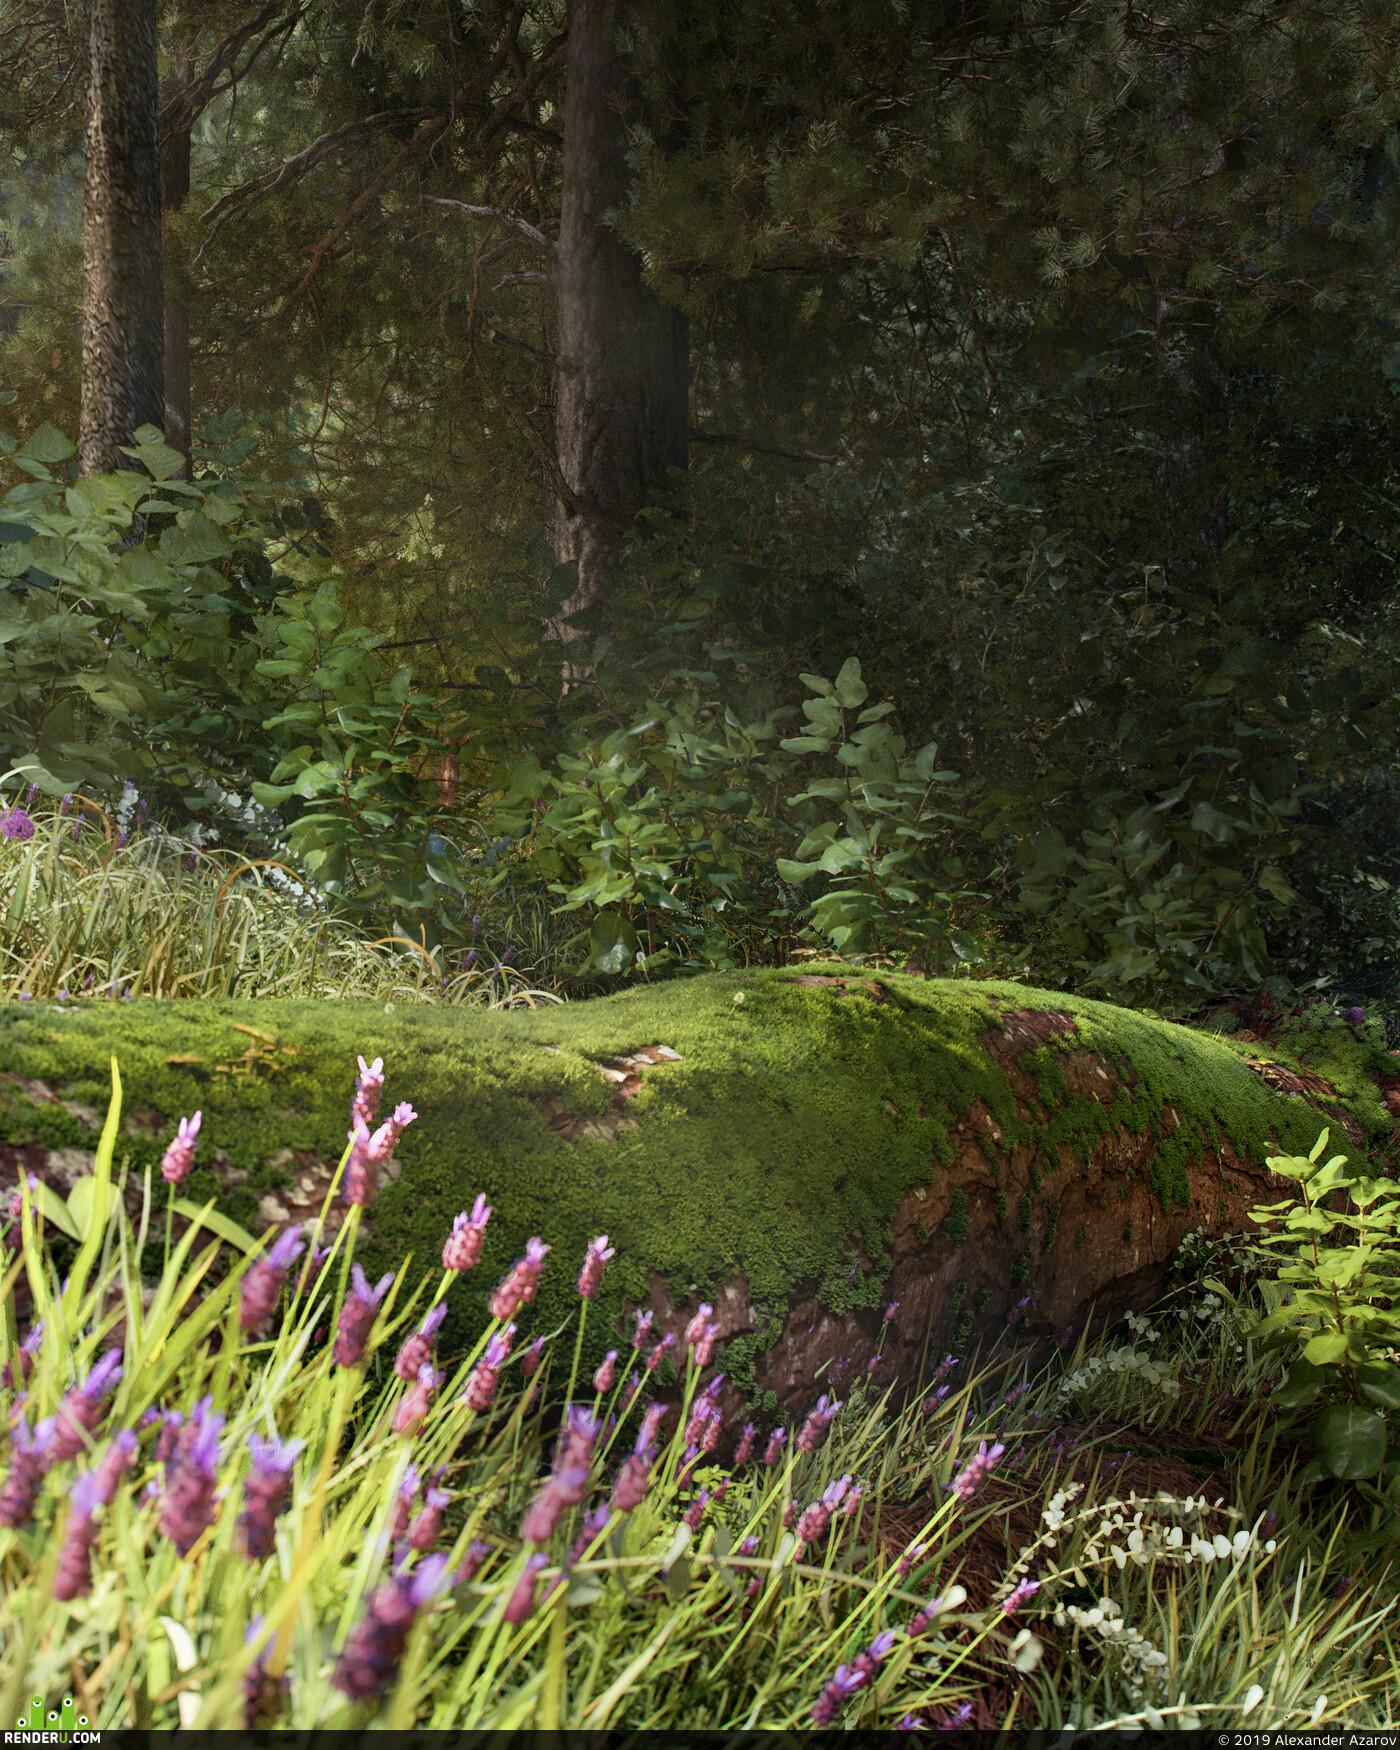 дом, частный дом, Загородный дом, Деревянный дом, Дом в лесу, Домик, дерево, лес, Куст